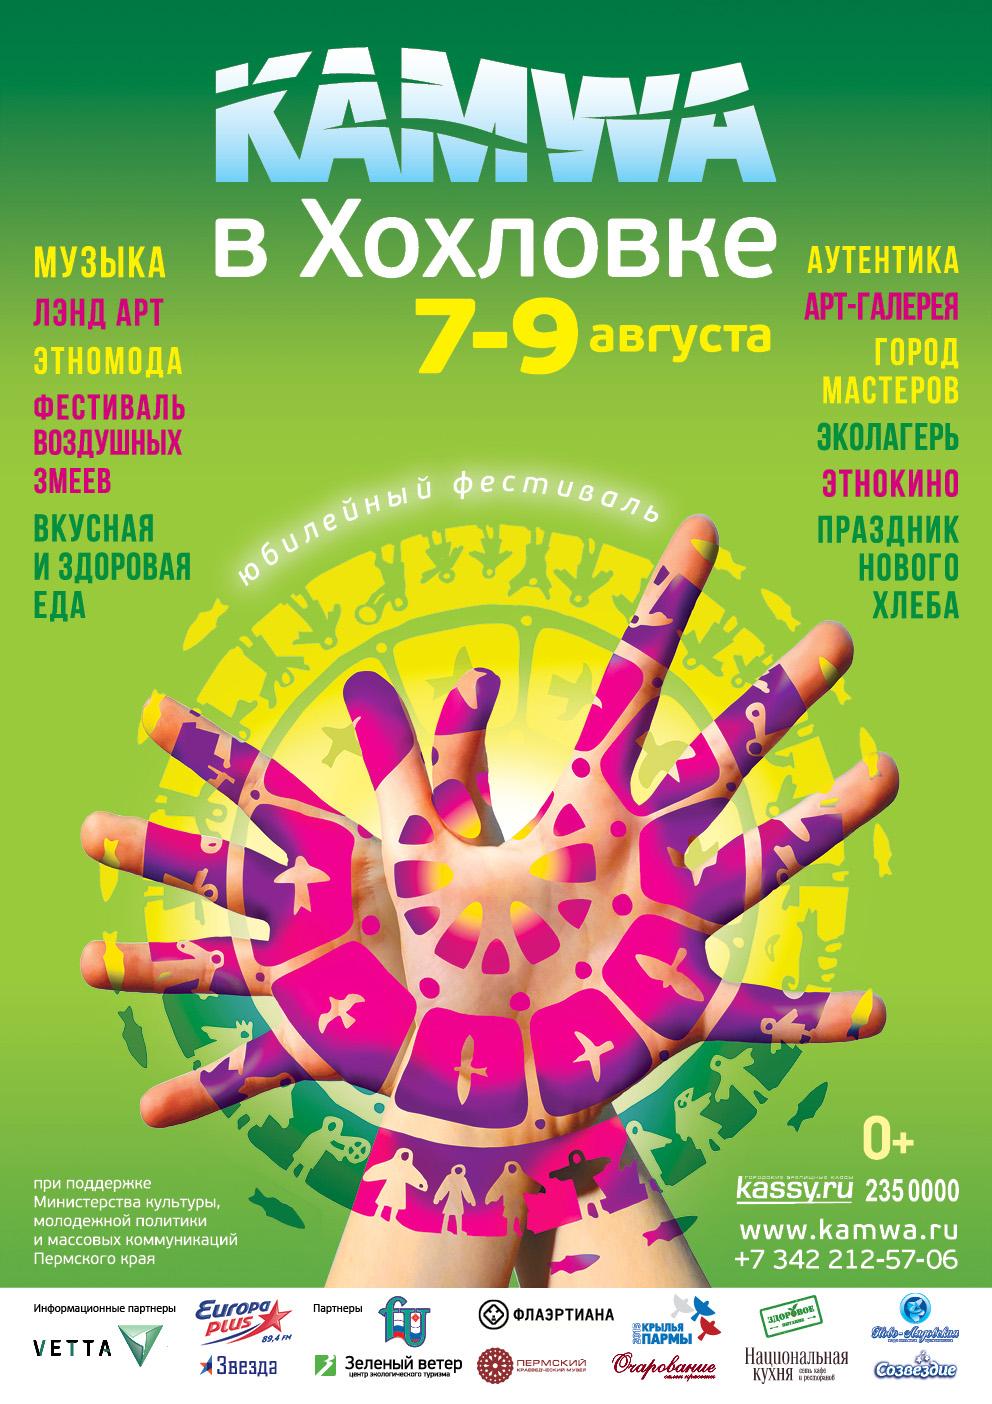 X Международный фестиваль KAMWA